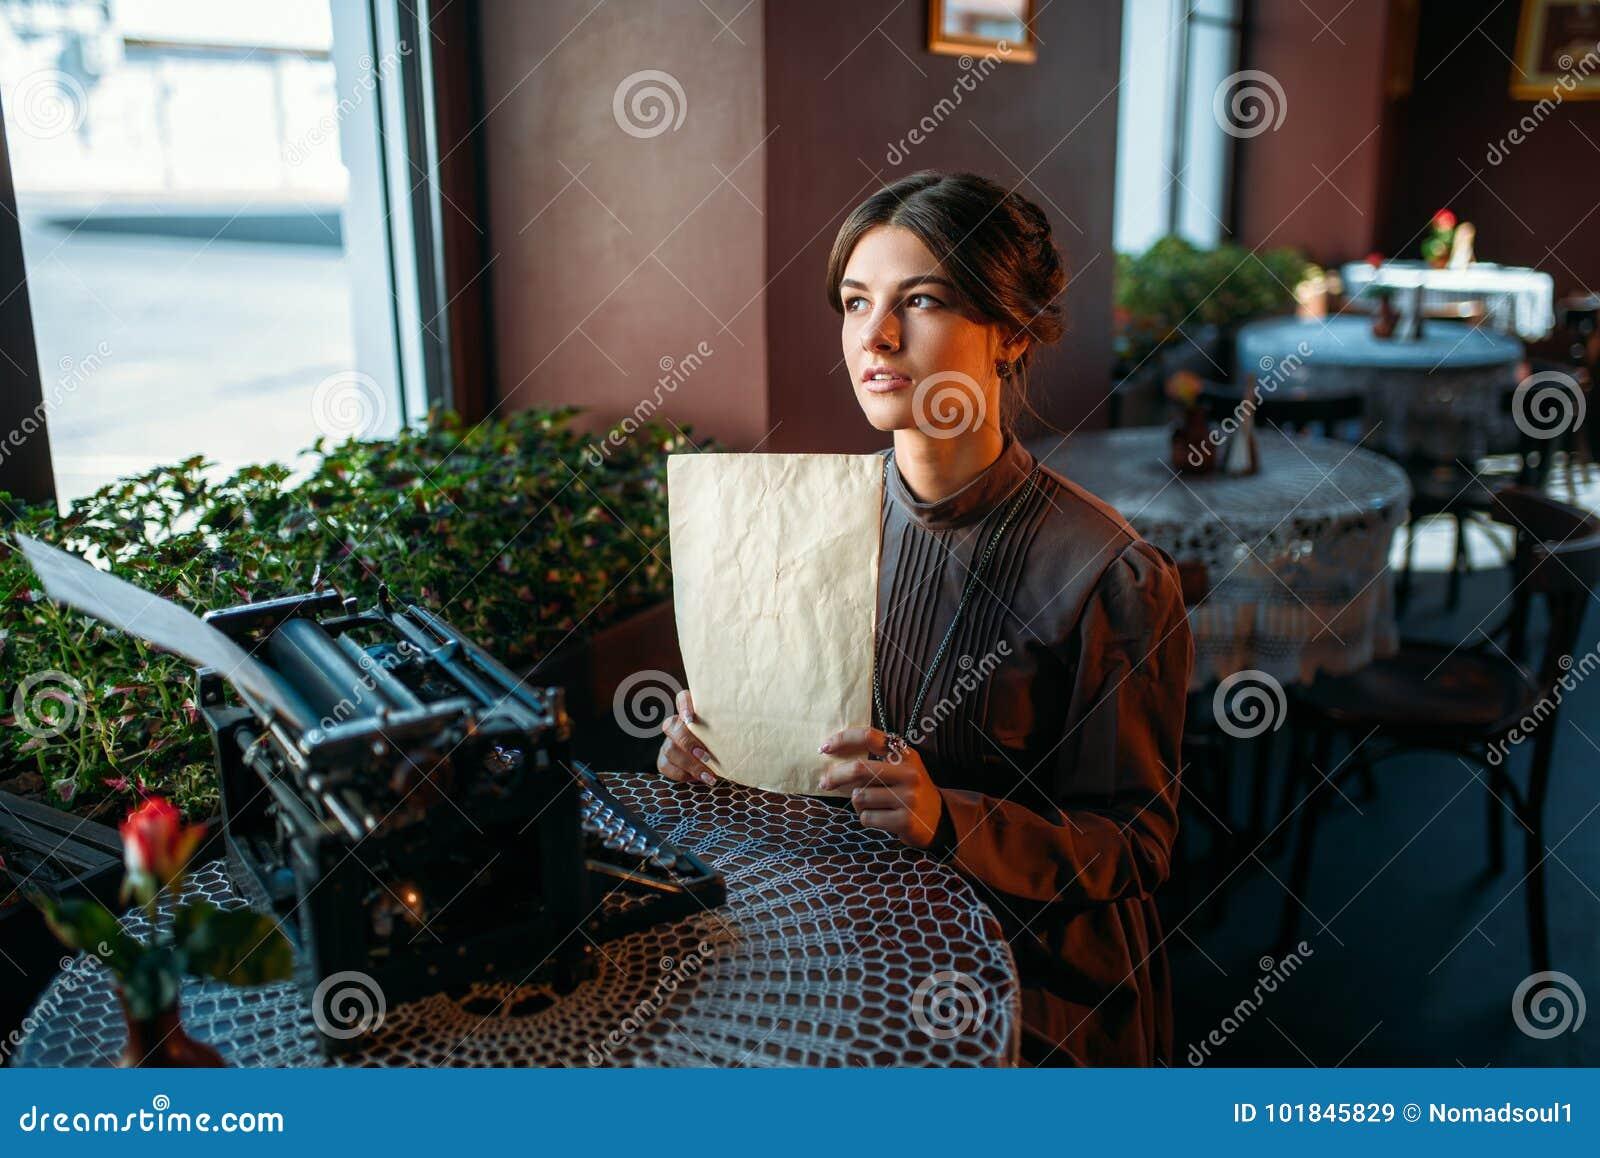 Szczęśliwa młoda kobieta siedzi stołem w kawiarni